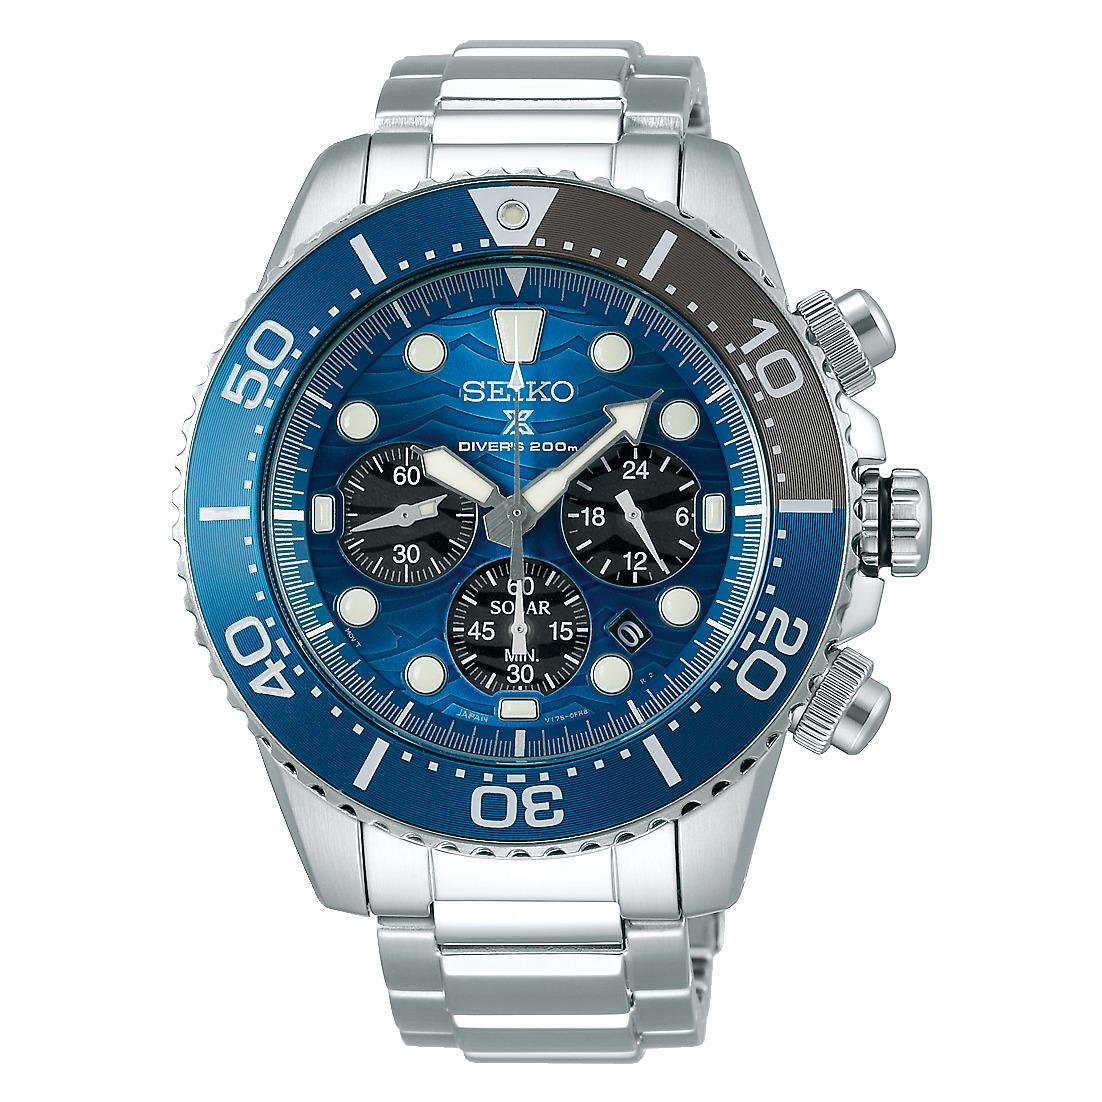 プロスペックス PROSPEX セイコー SEIKO SBDL059 セーブ・ジ・オーシャン スペシャルエディション 正規品 腕時計